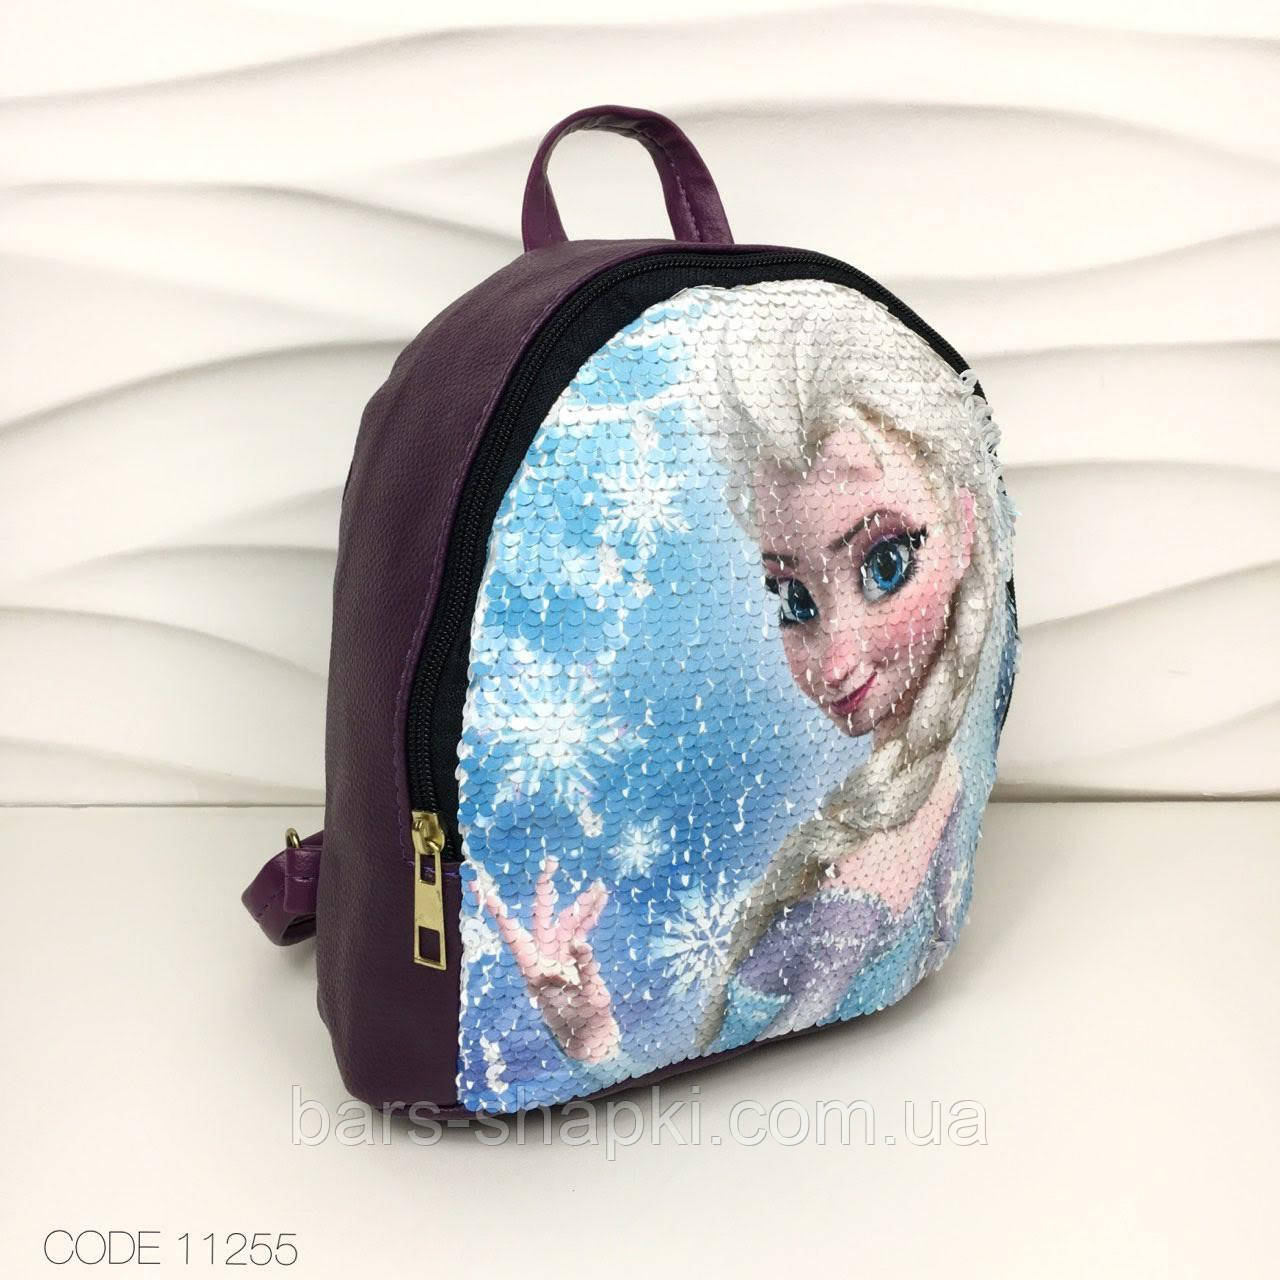 Стильный городской рюкзак Анна и Эльза с паетками перевертышами